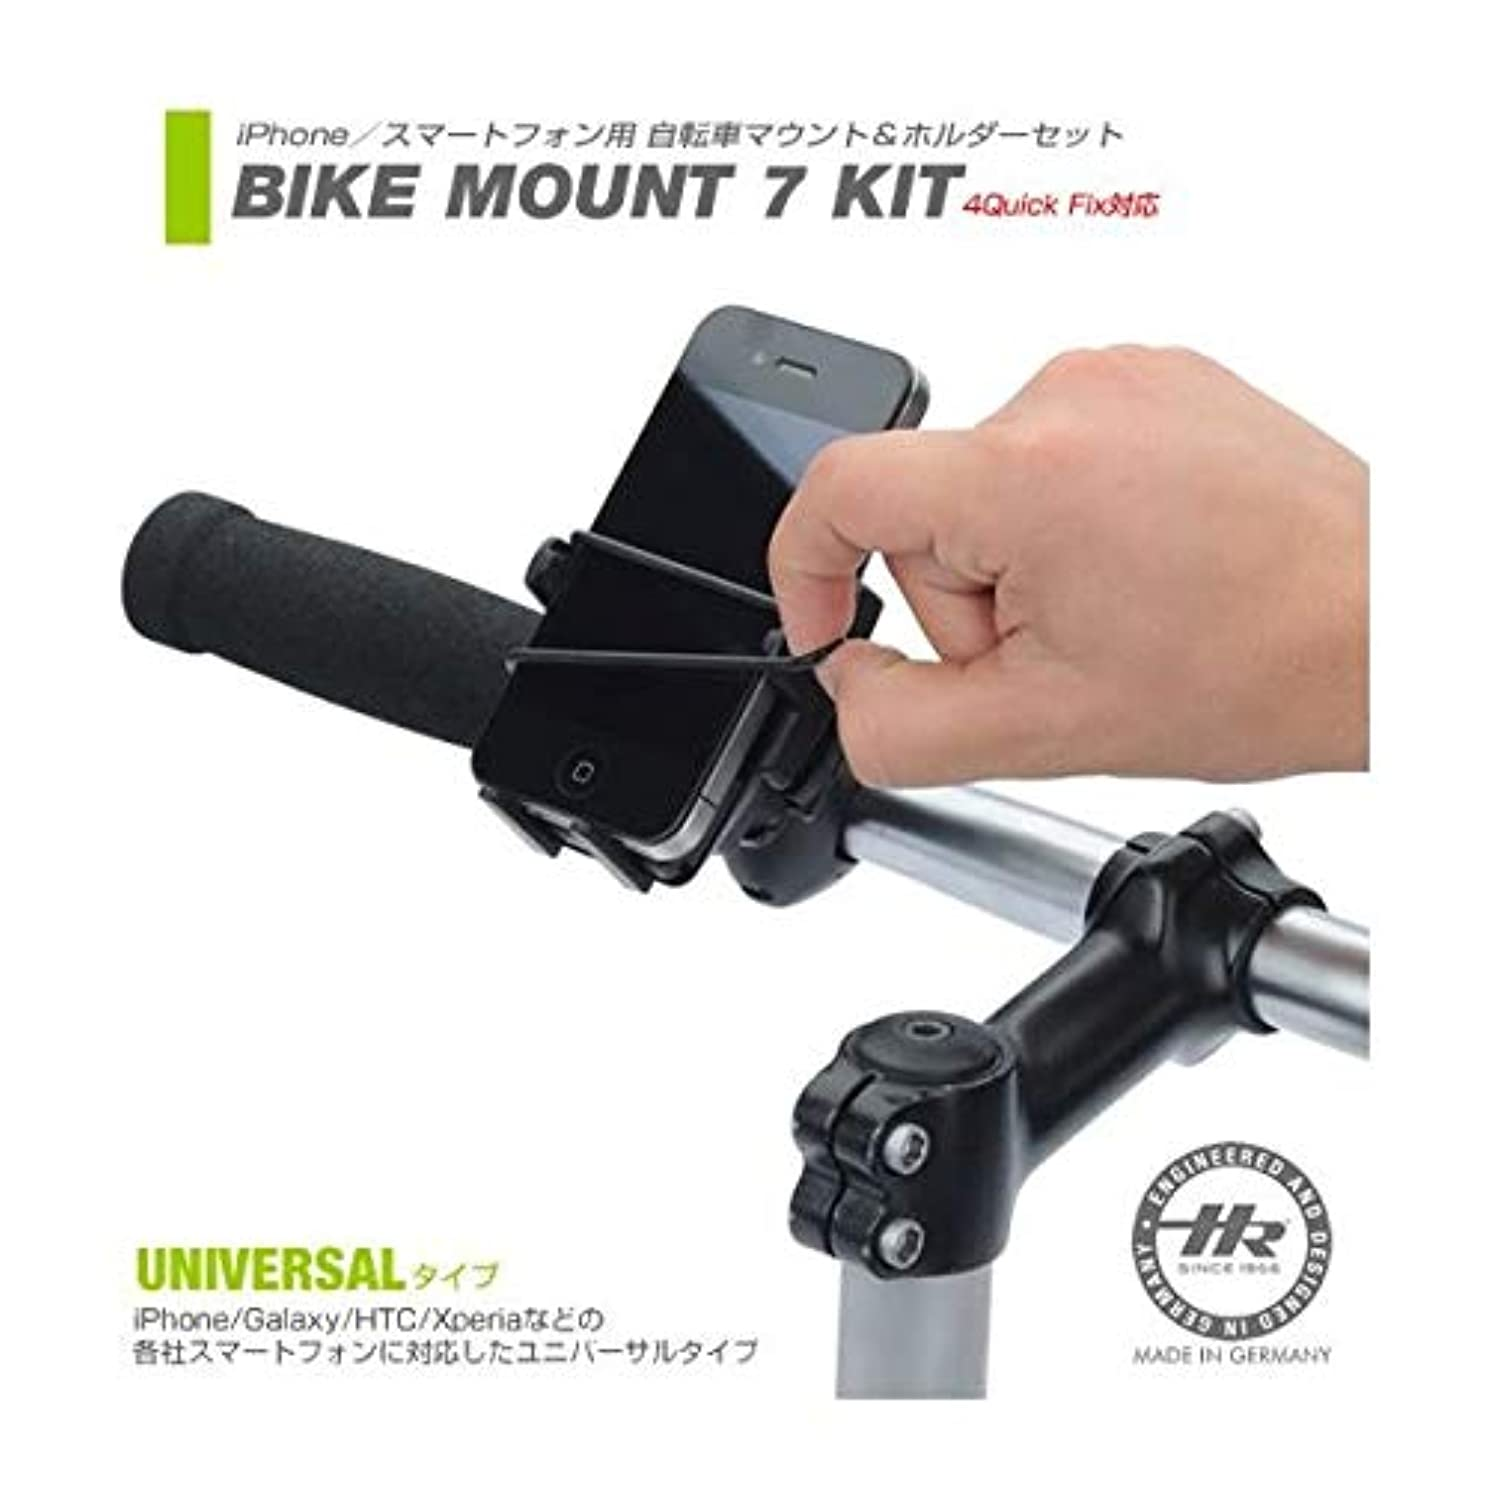 苦悩再生魔術スマホホルダー 自転車 スマートフォン iPhone バイク 自転車用 携帯 ホルダー自転車マウント&ホルダーセット